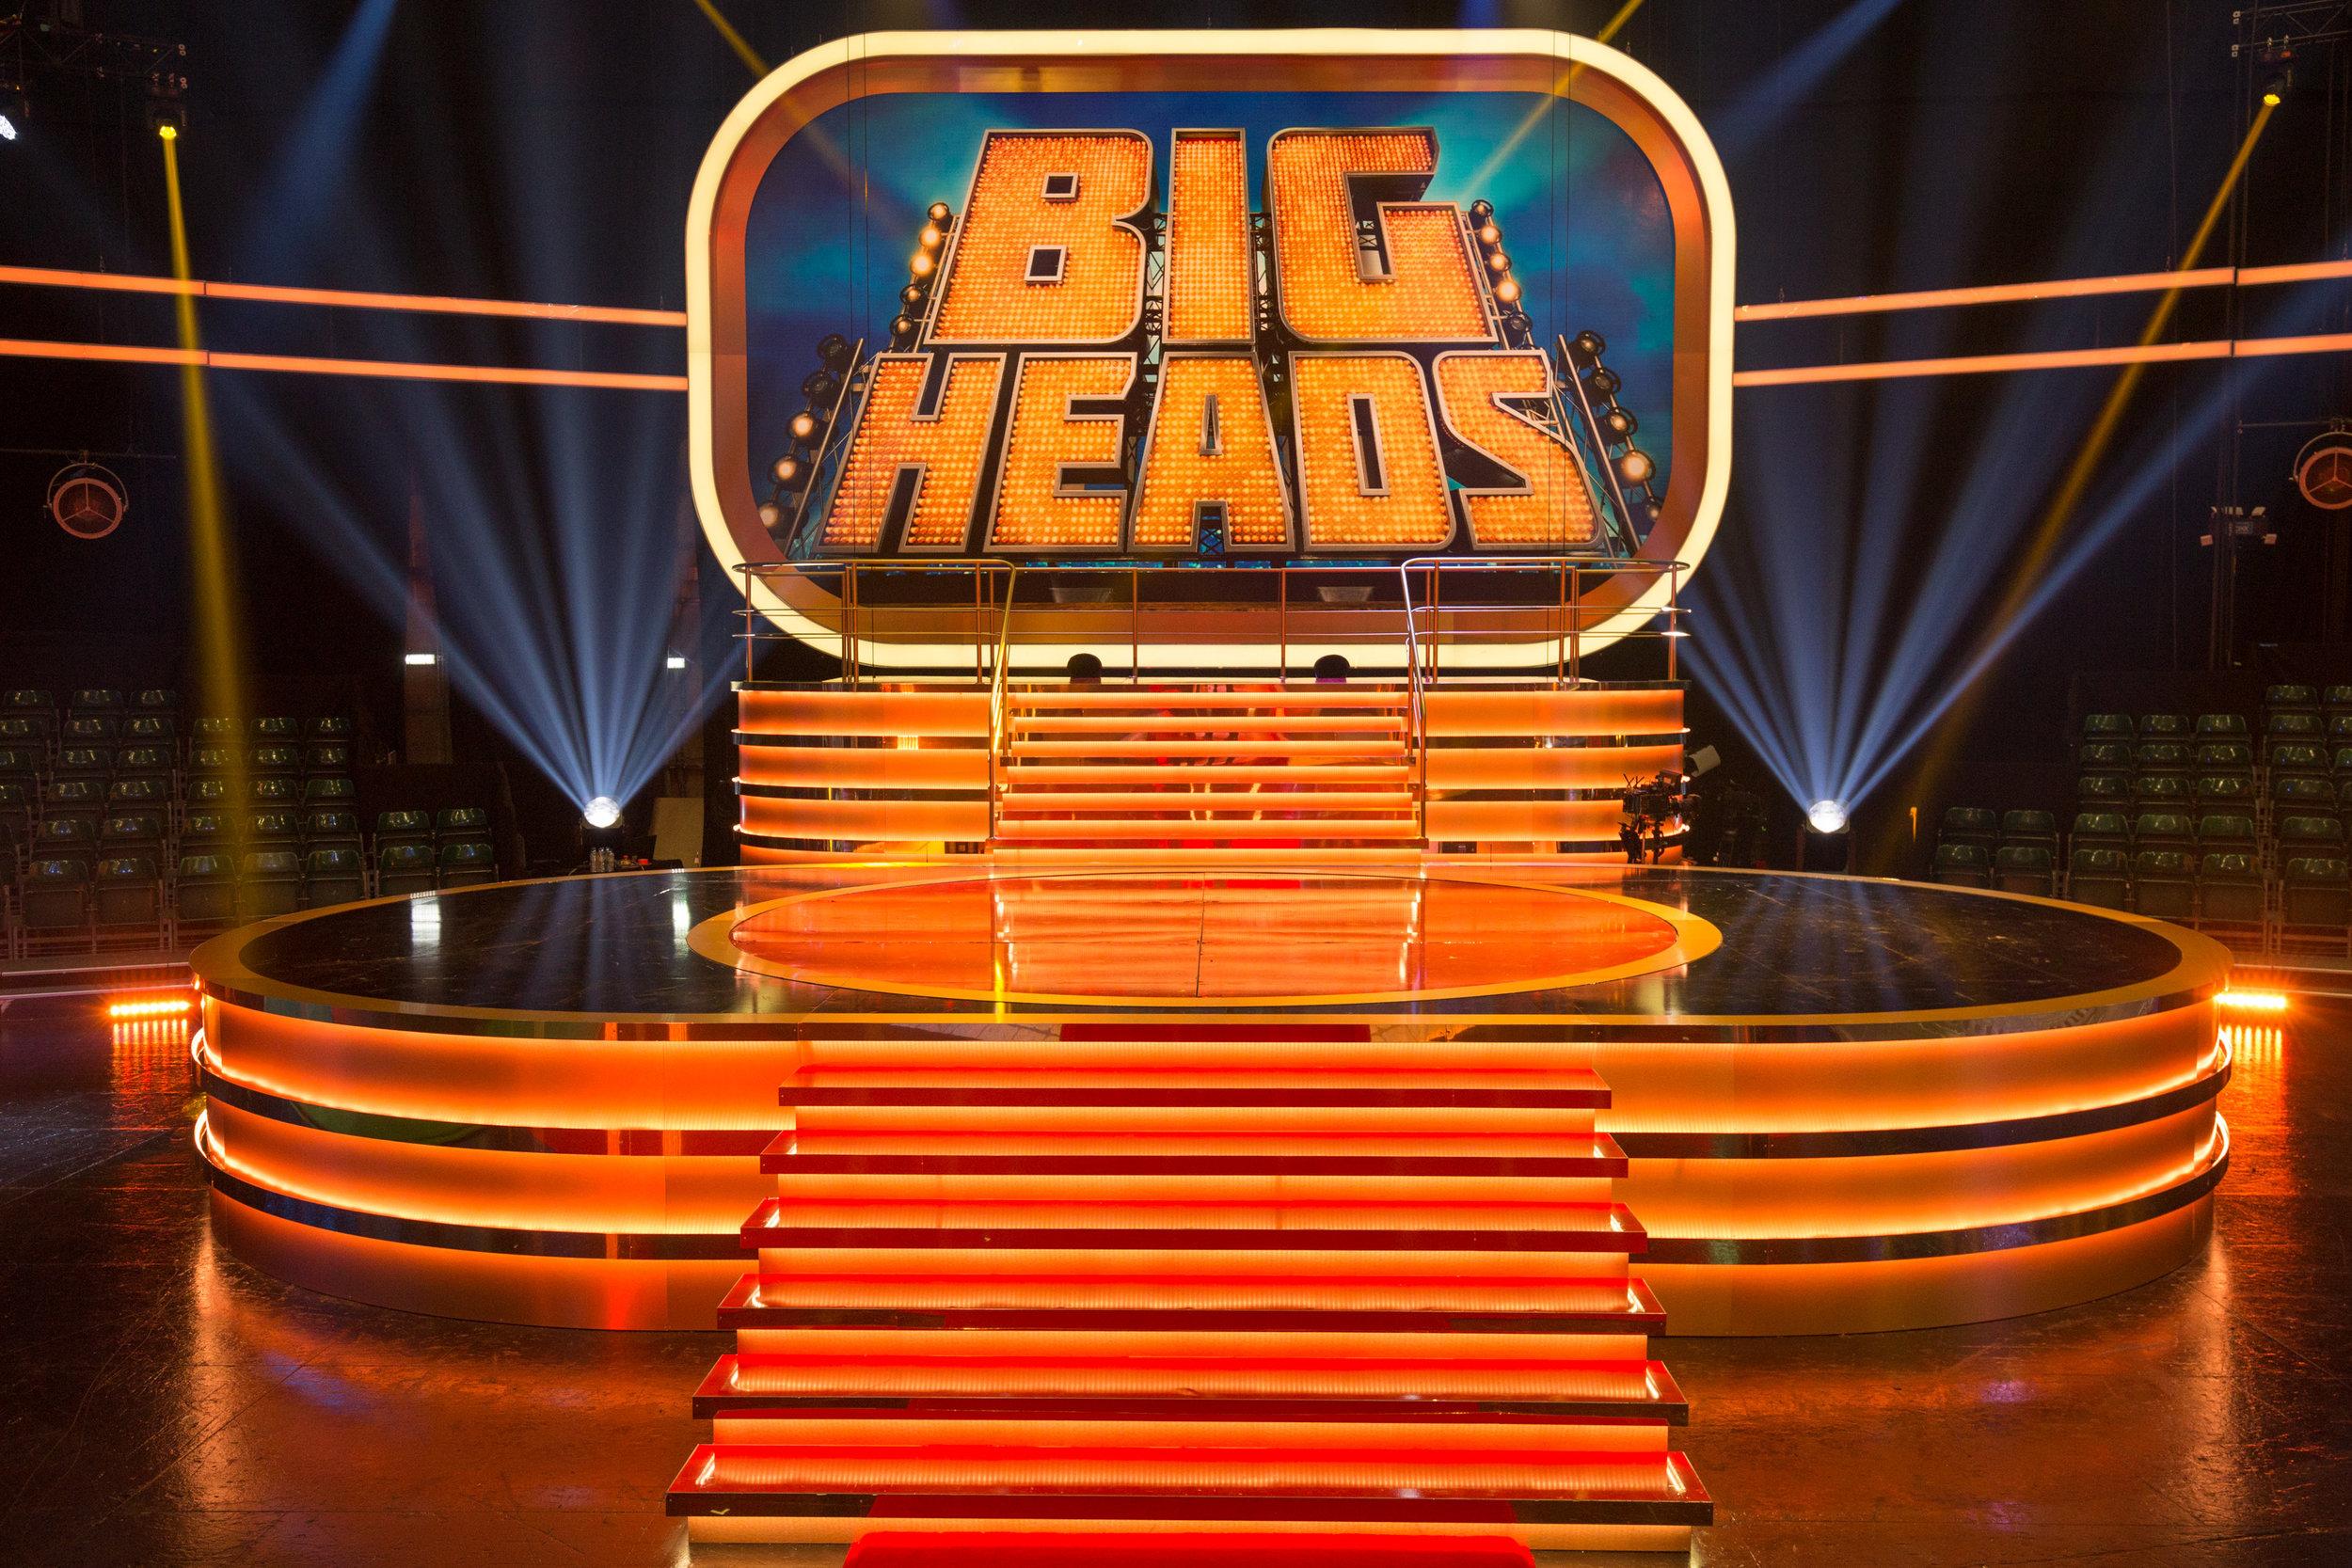 081_big_heads_9992.jpg